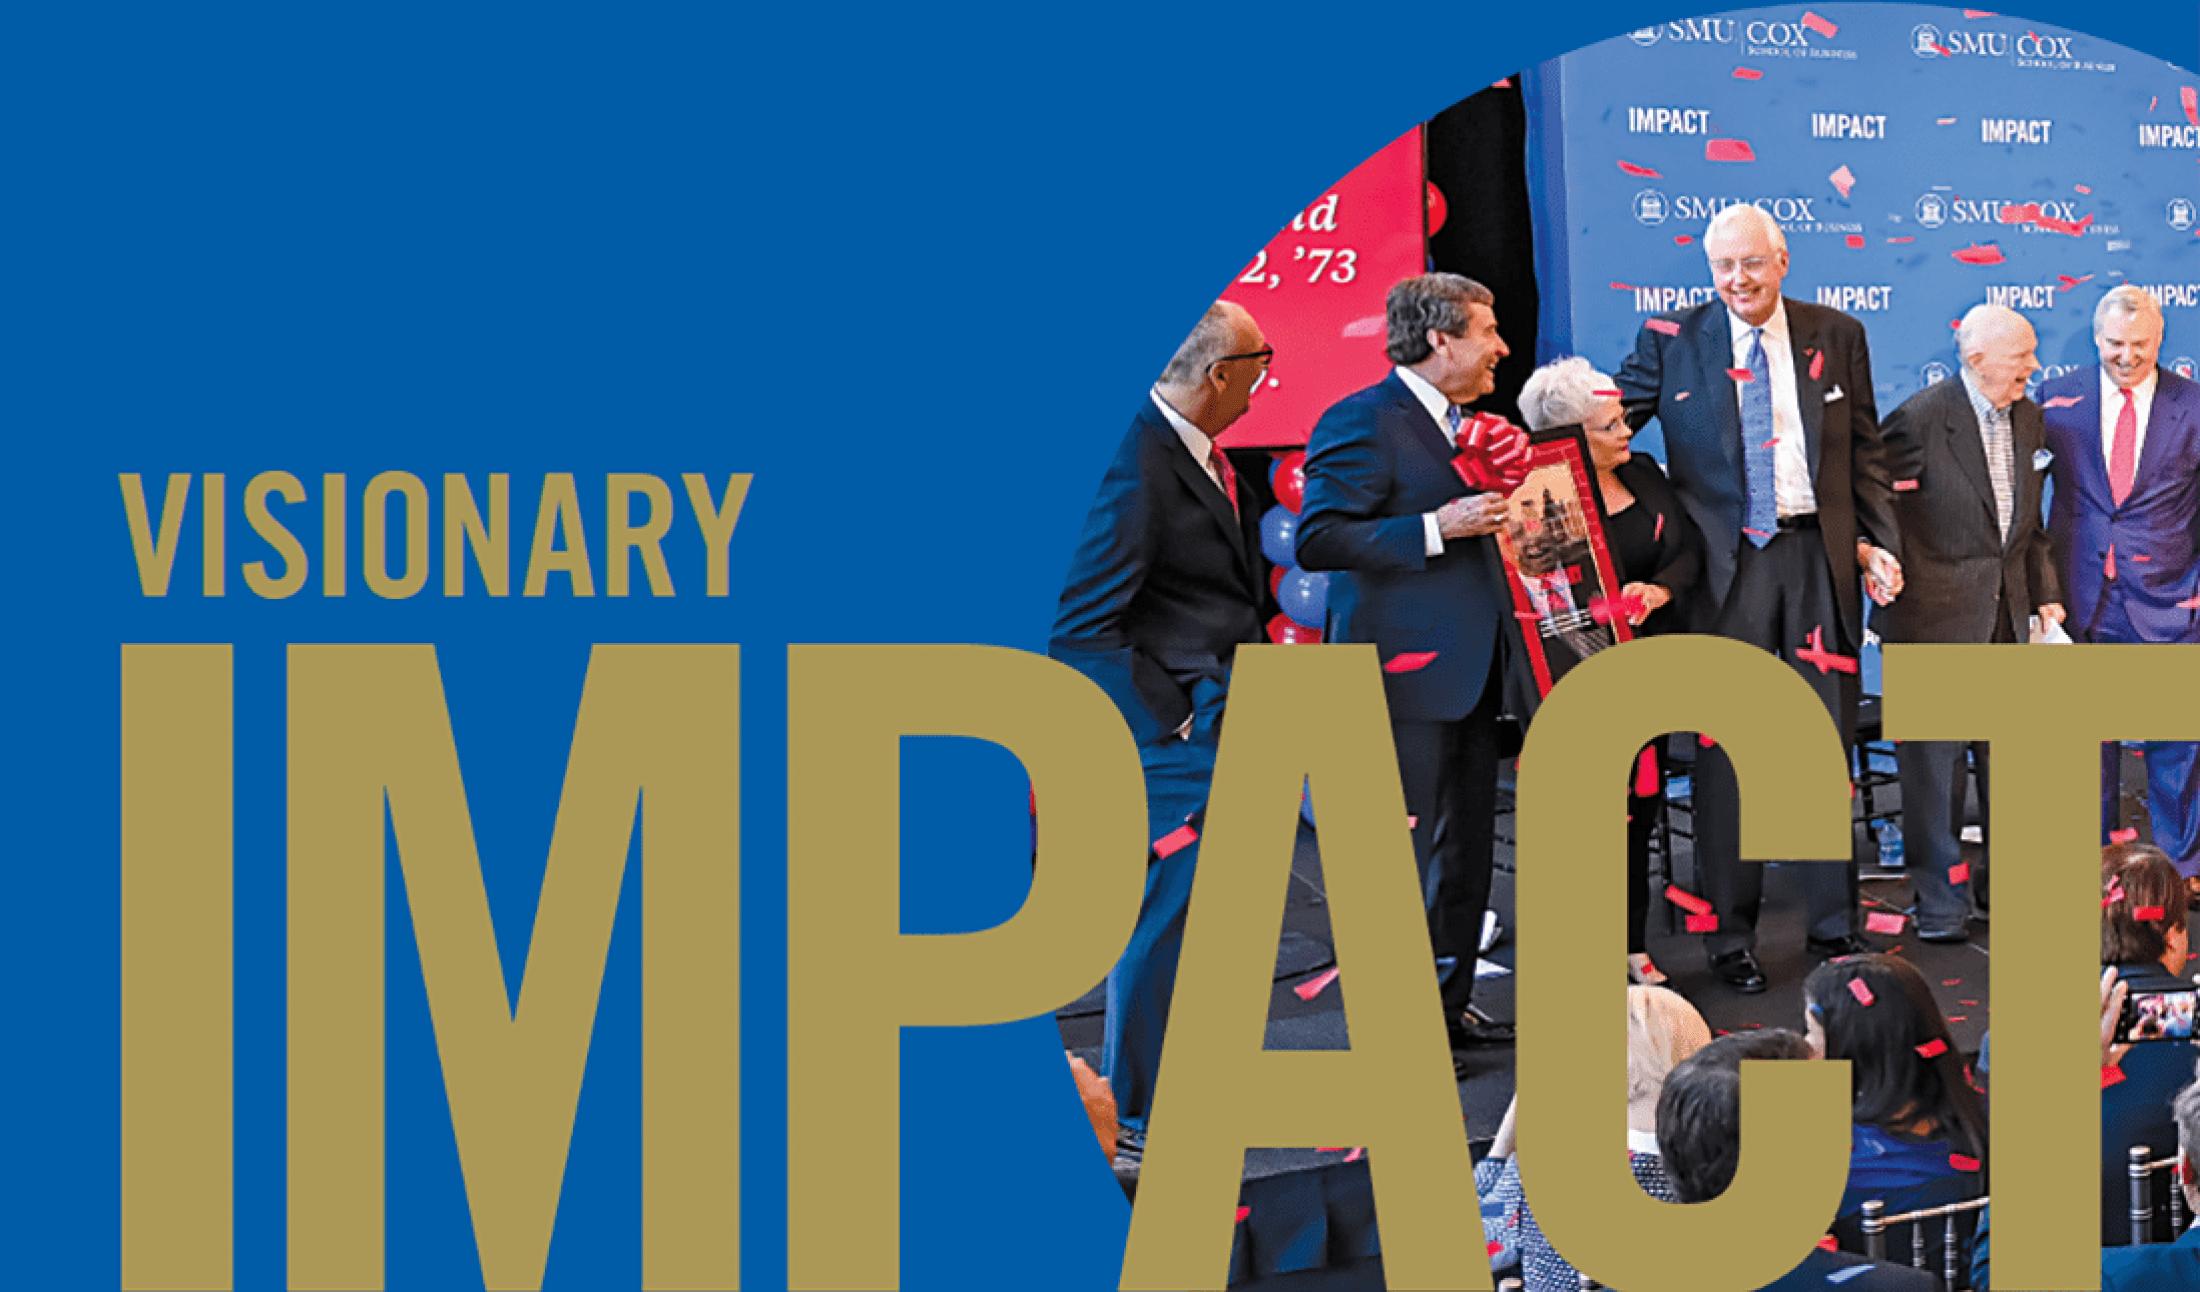 Carolyn and David Miller: Visionary Impact